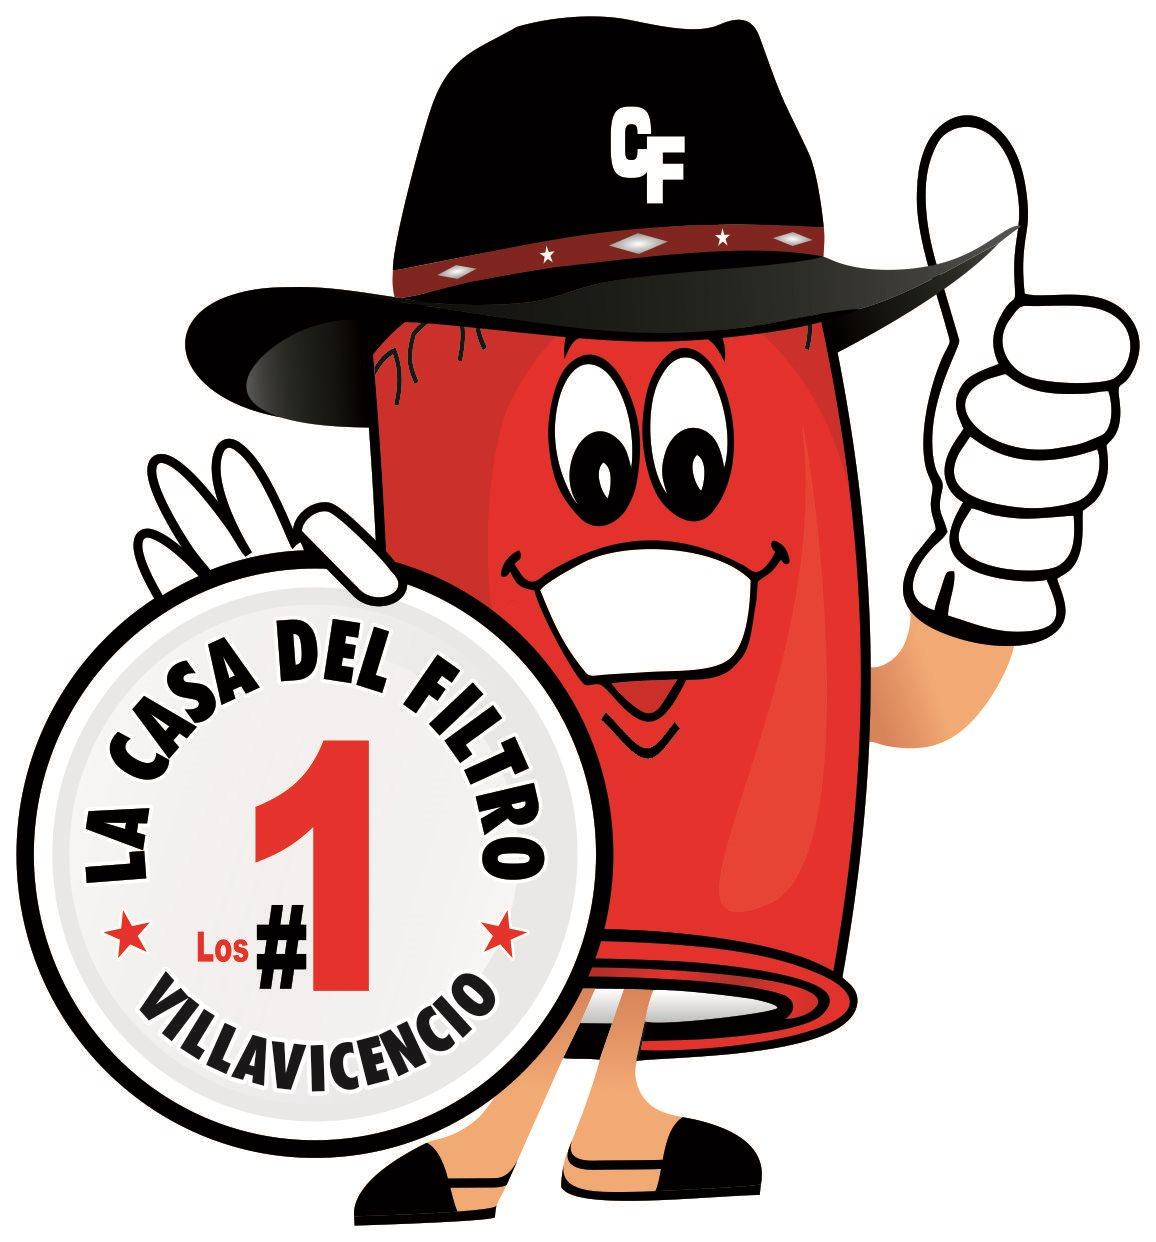 LA CASA DEL FILTRO VILLAVICENCIO S.A.S.